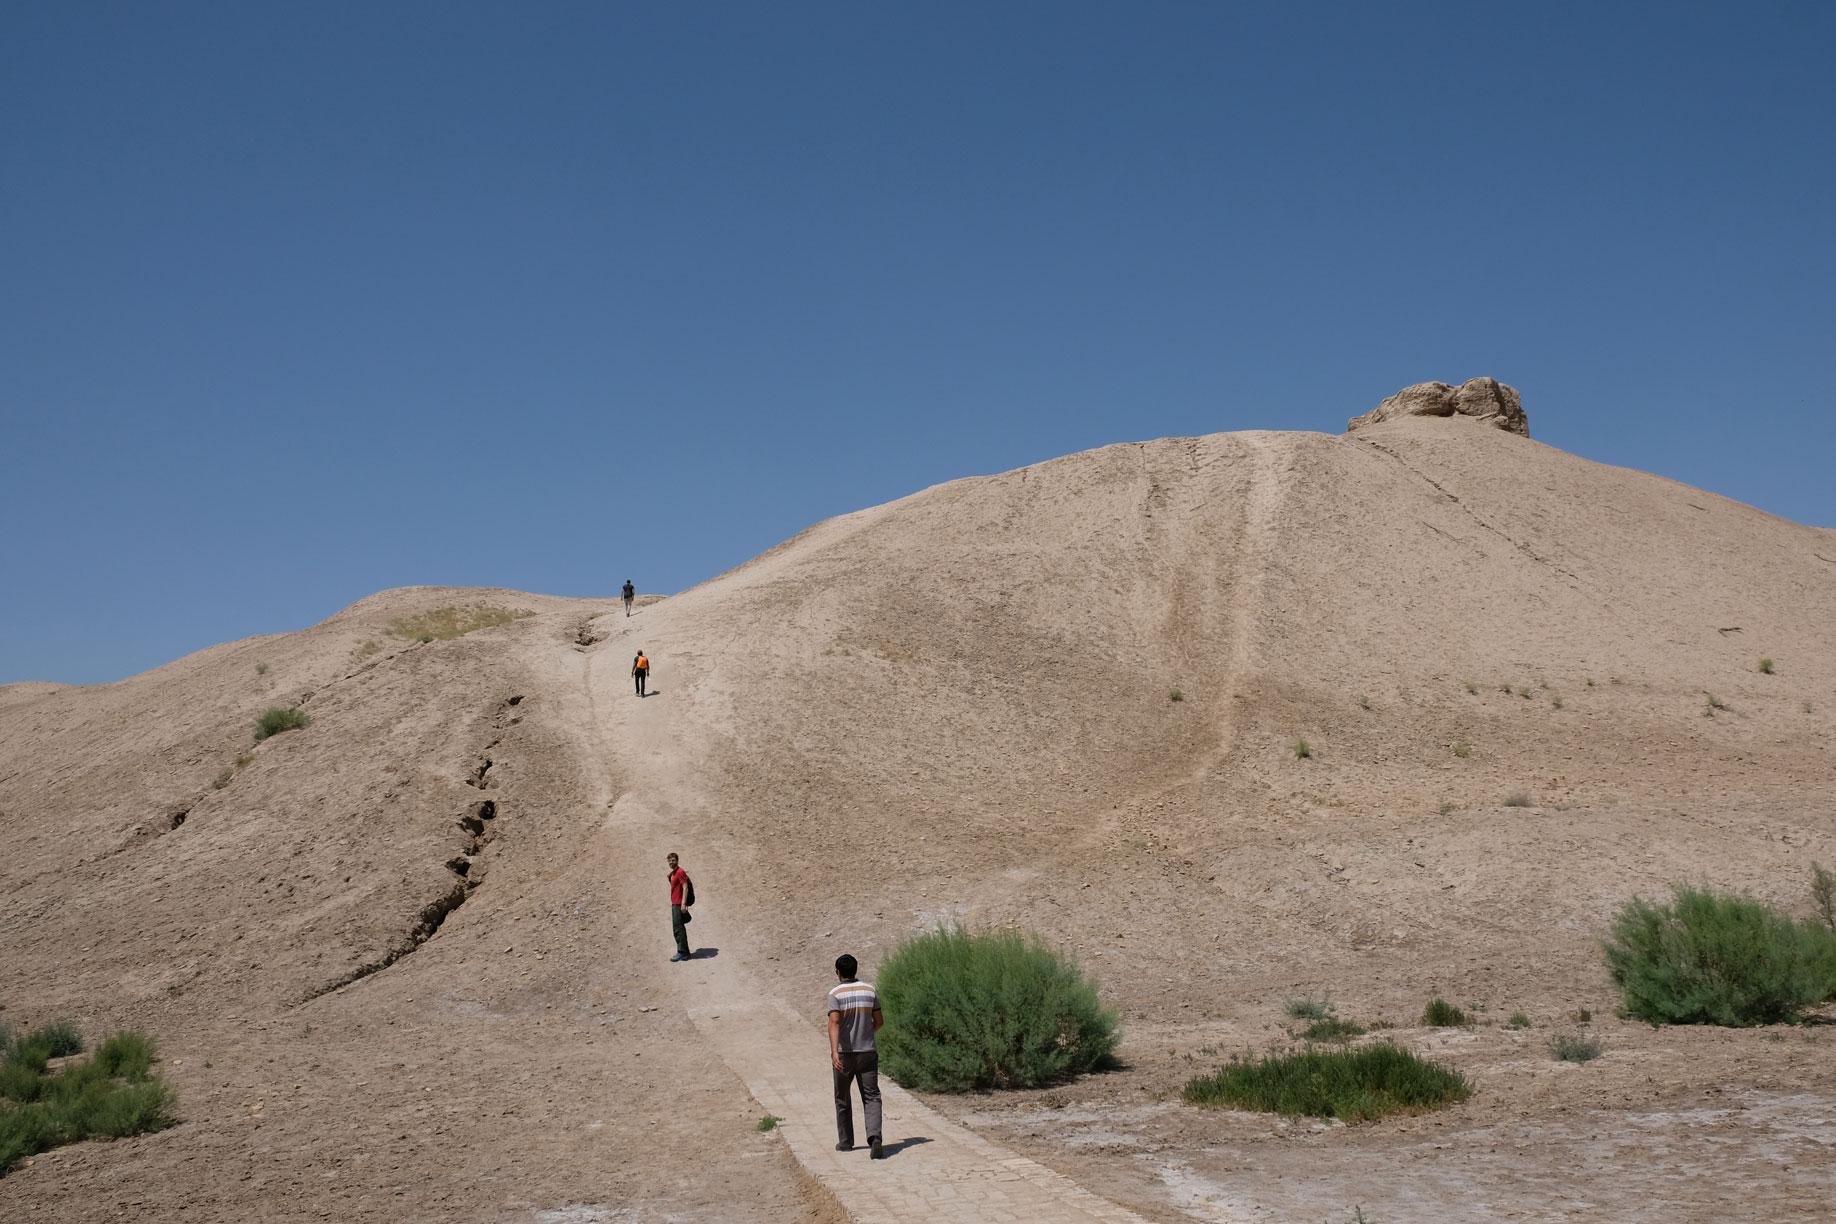 Menschen gehen auf einen Berg